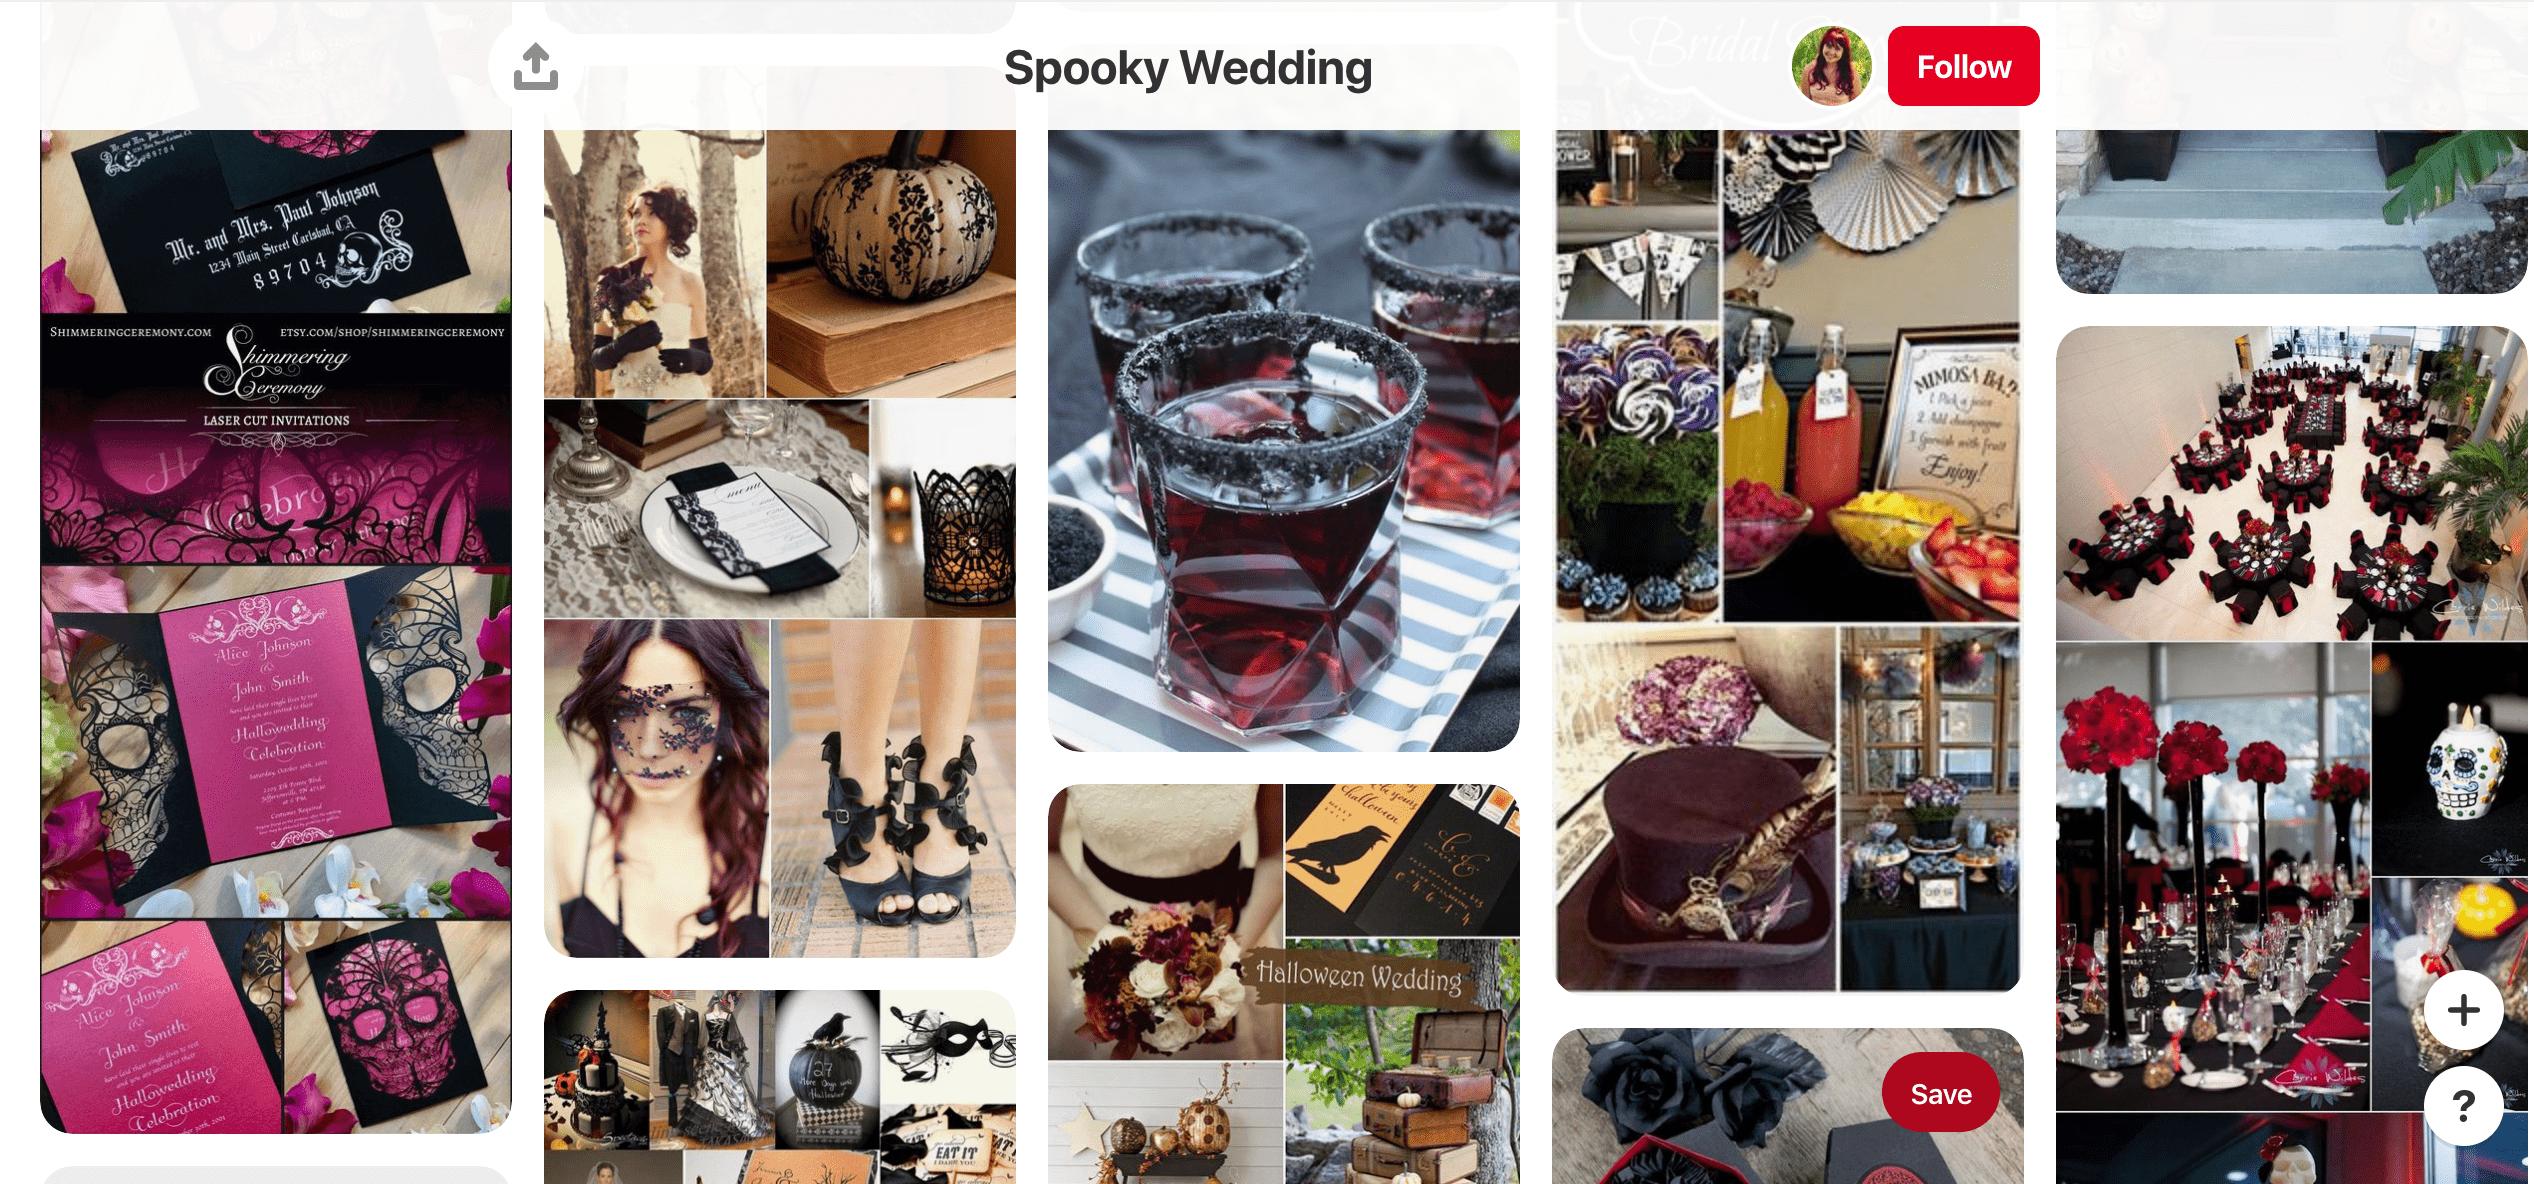 Фрагмент одной из досок, посвященных spooky wedding